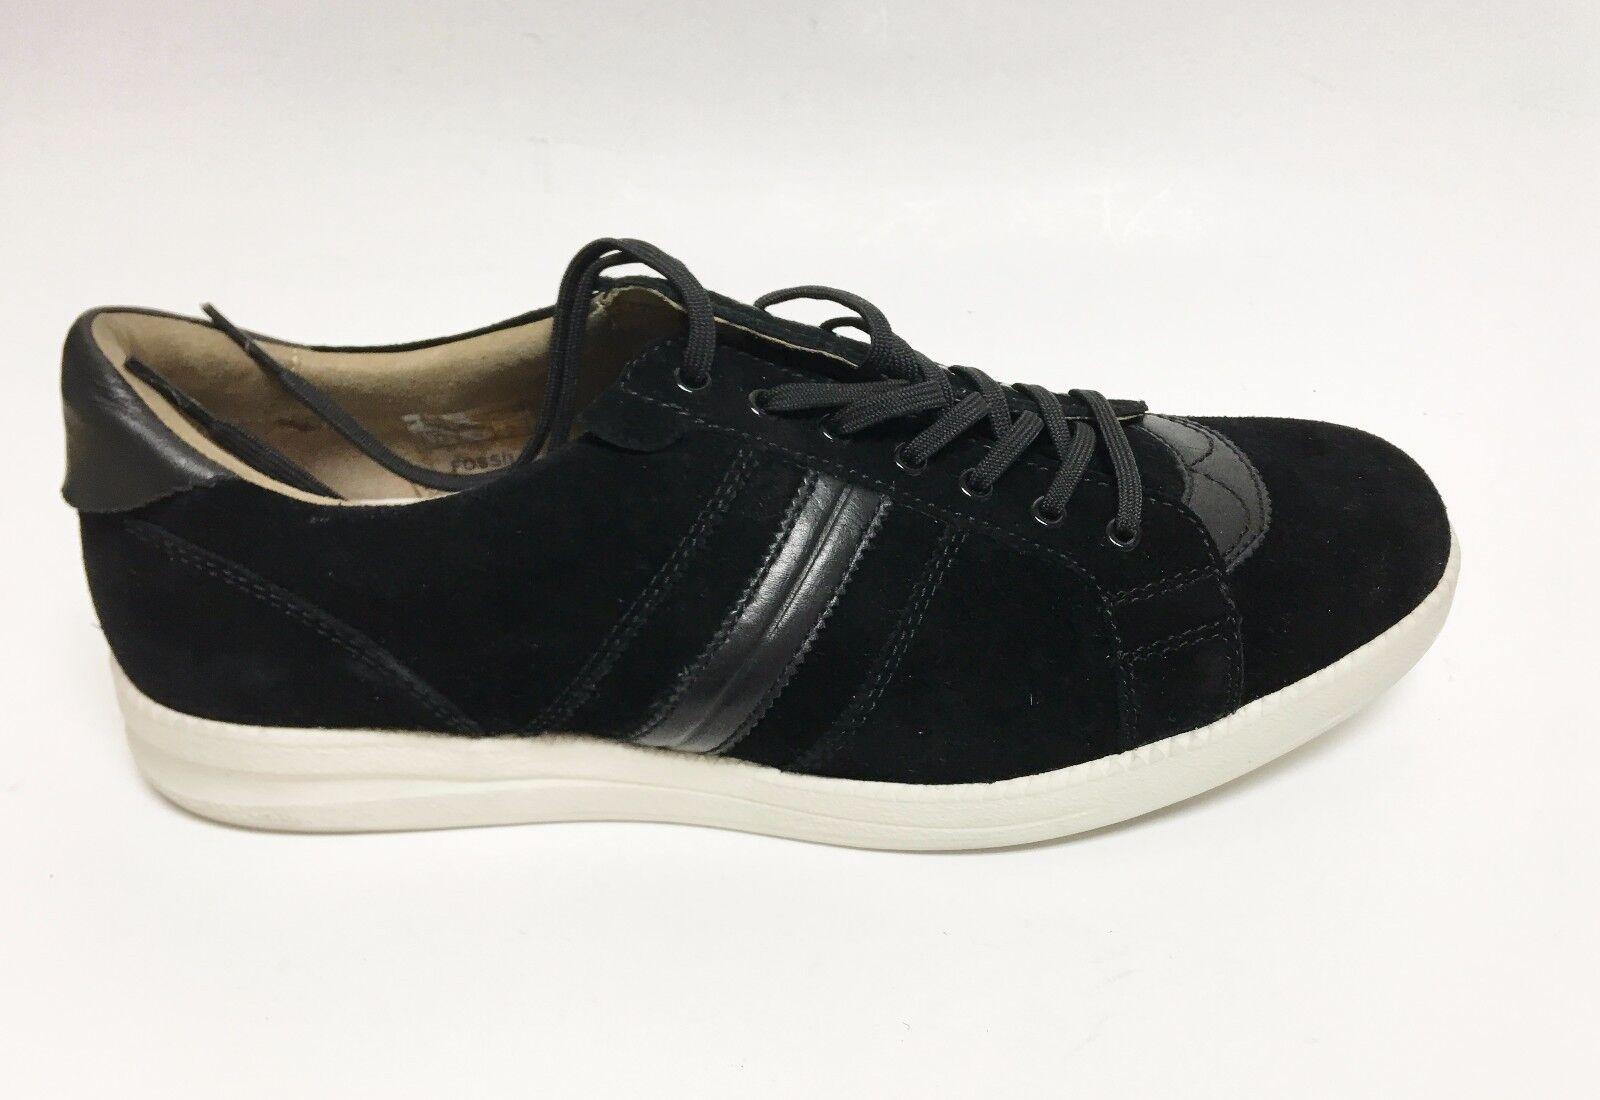 Fossil Mazza Cuir Suédé , Cuir Noir Baskets Tennis Tennis Tennis HOMME Chaussures~ Size 11 a3e865